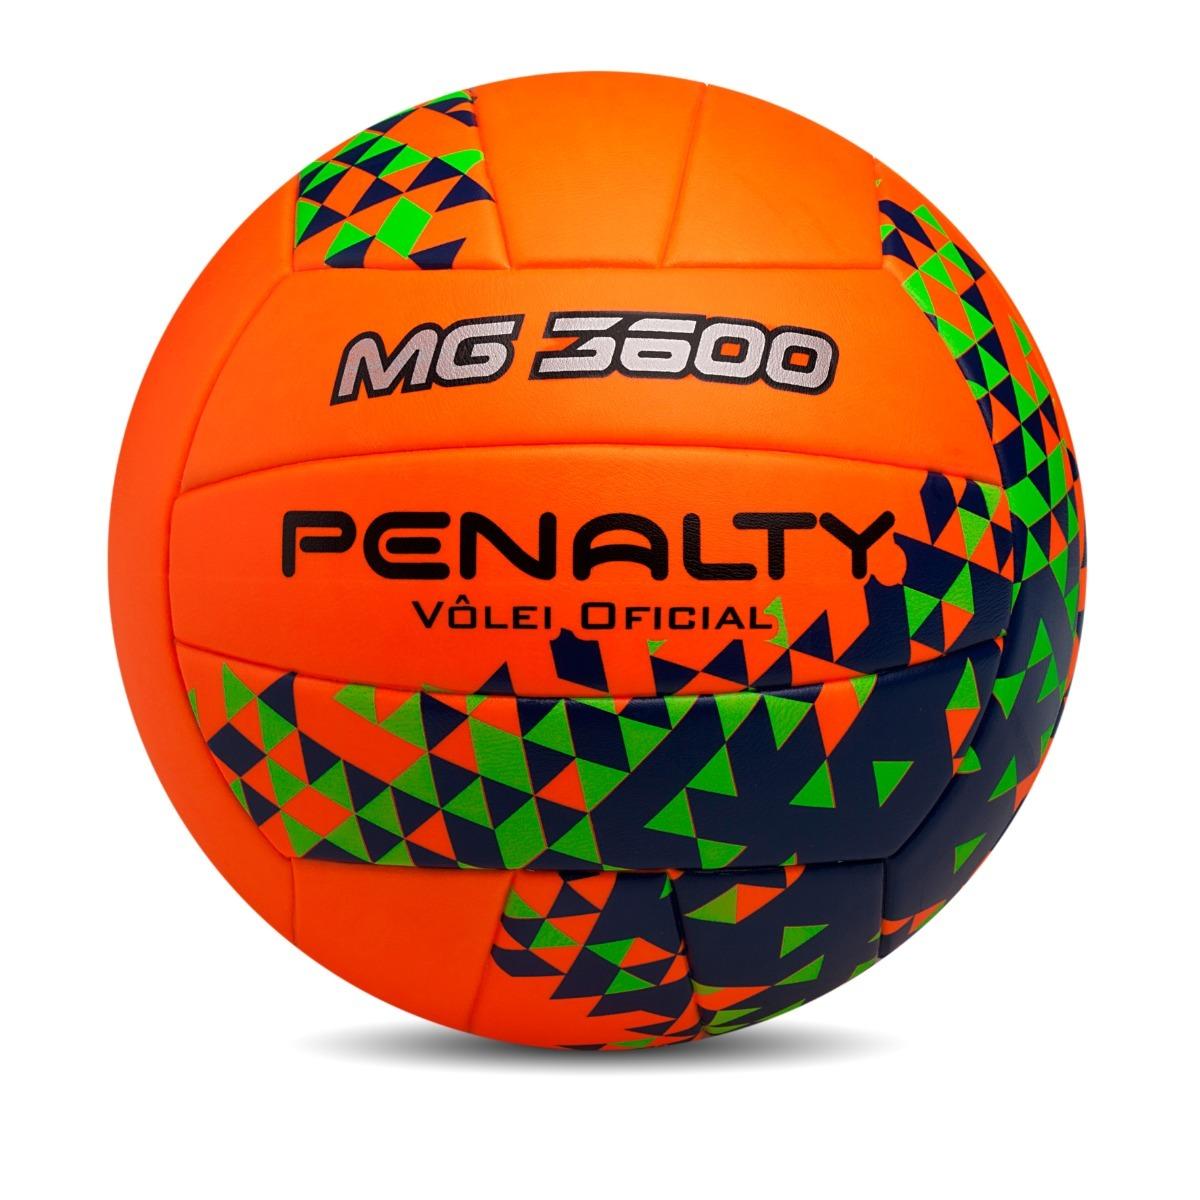 kit 2 bolas vôlei penalty mg 3600 oficial 8318. Carregando zoom. 30152173de36f